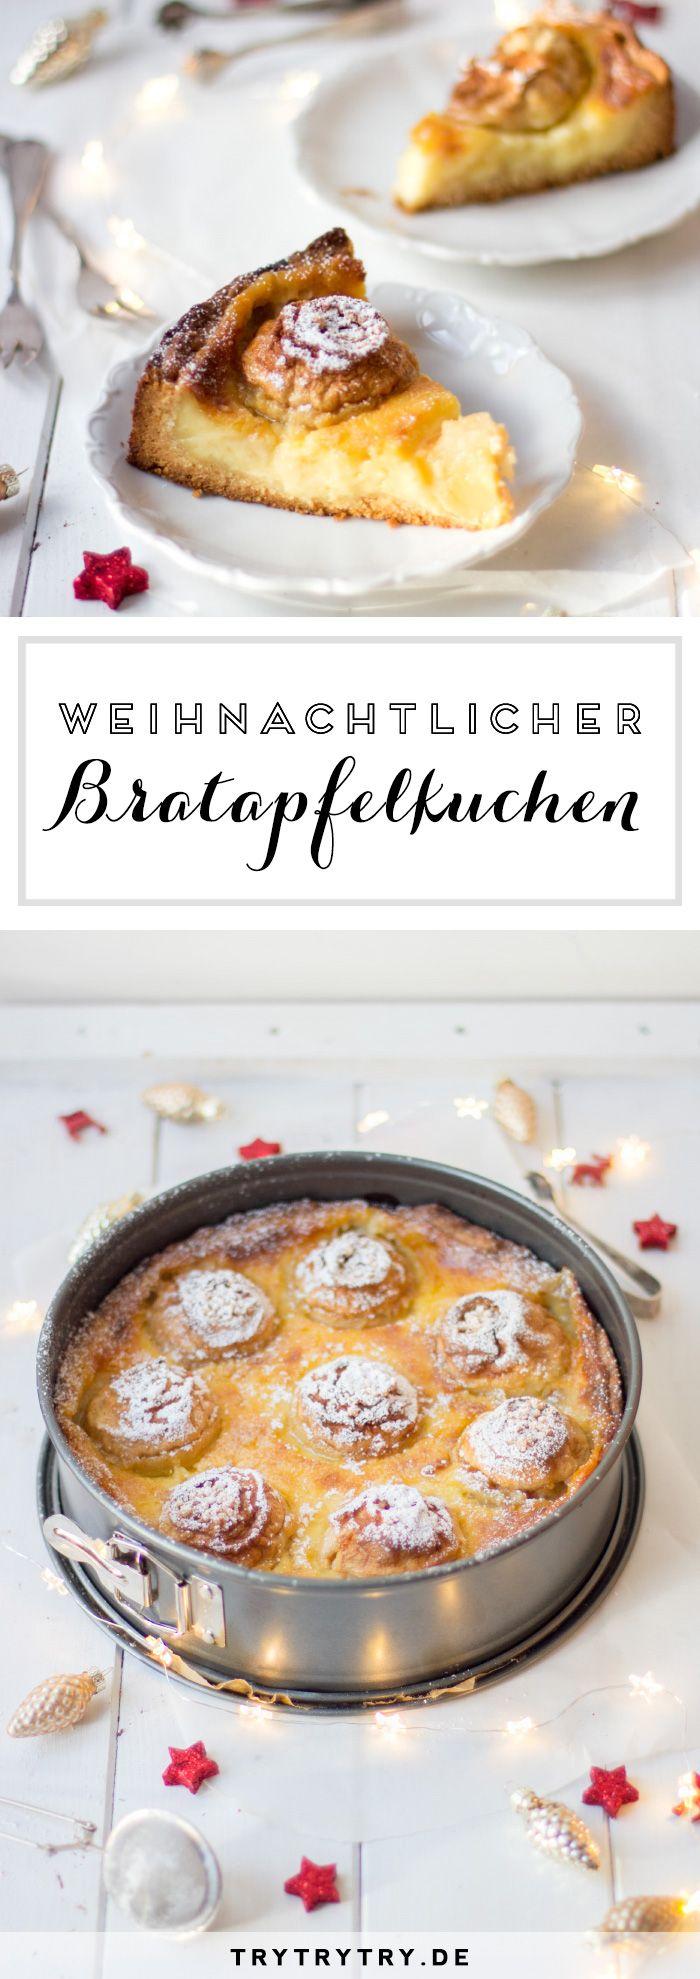 Weihnachtlicher Bratapfelkuchen